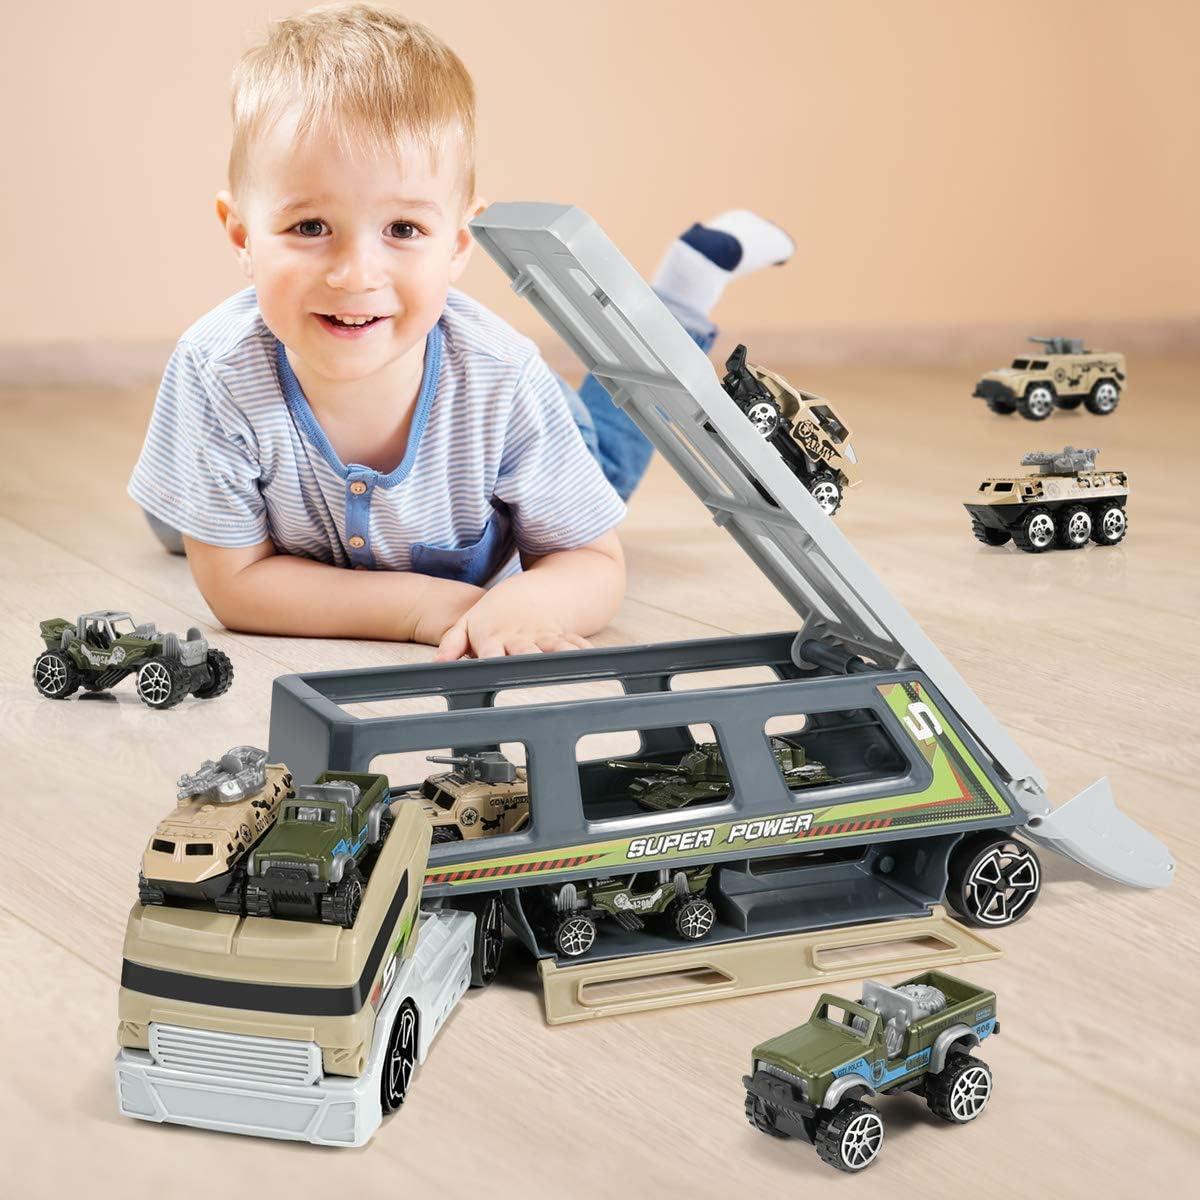 Armee Fahrzeug Kampfwagen Spielzeugautos Gepanzertes Fahrzeug LKW Spielzeugset im Lastwagen f/ür KinderJunge M/ädchen Geyiie Milit/är Autos Spielzeug